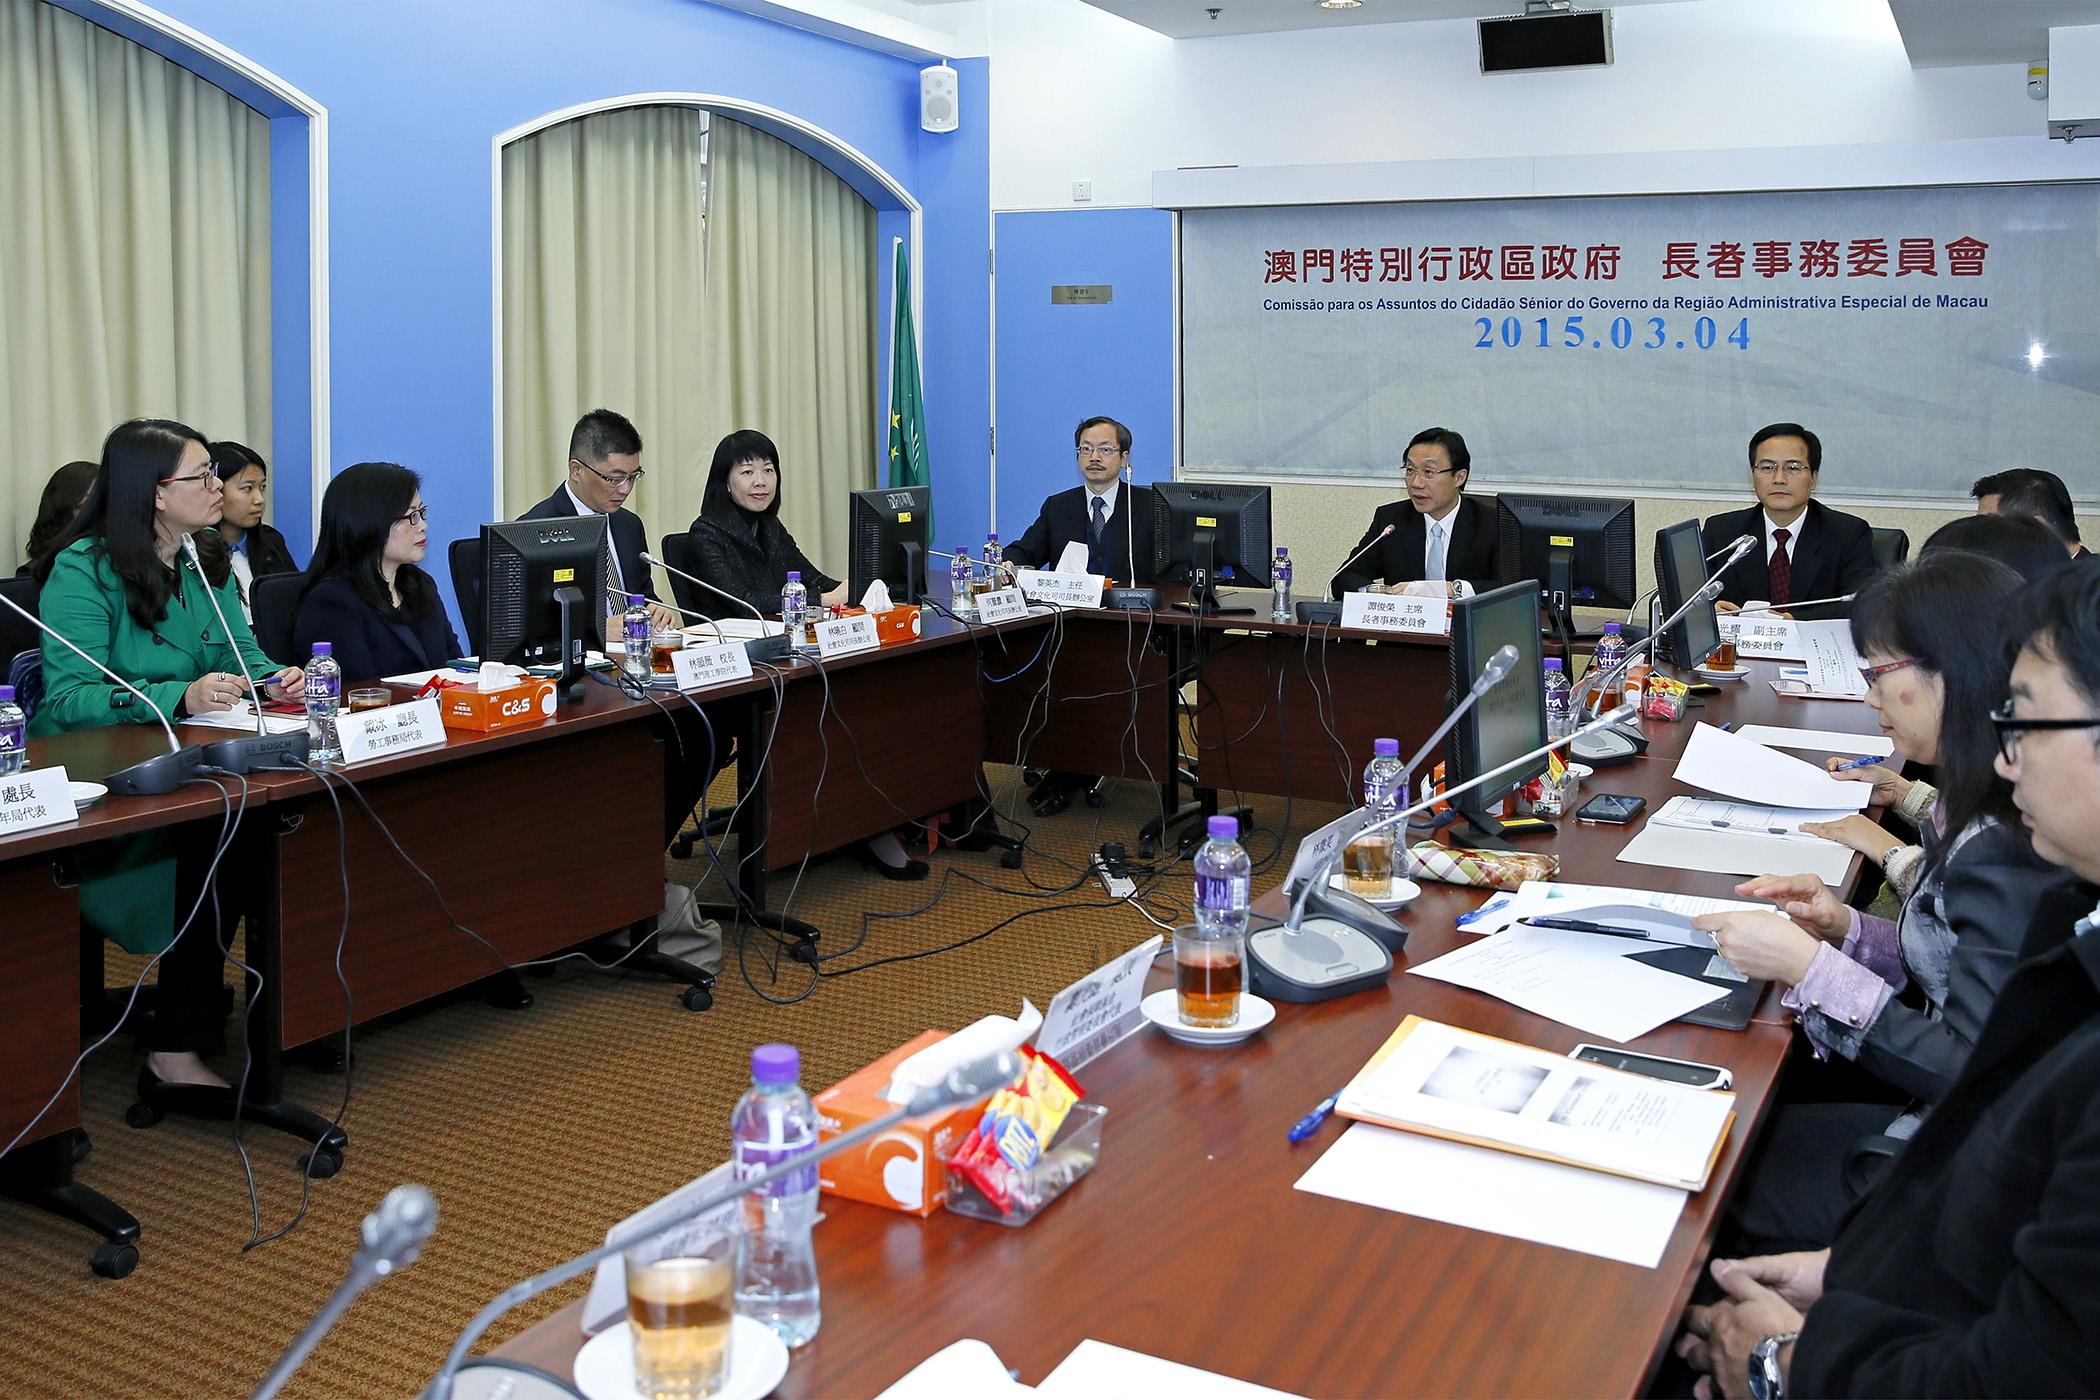 2015.03.04長者事務委員會2015年第一次全體會議